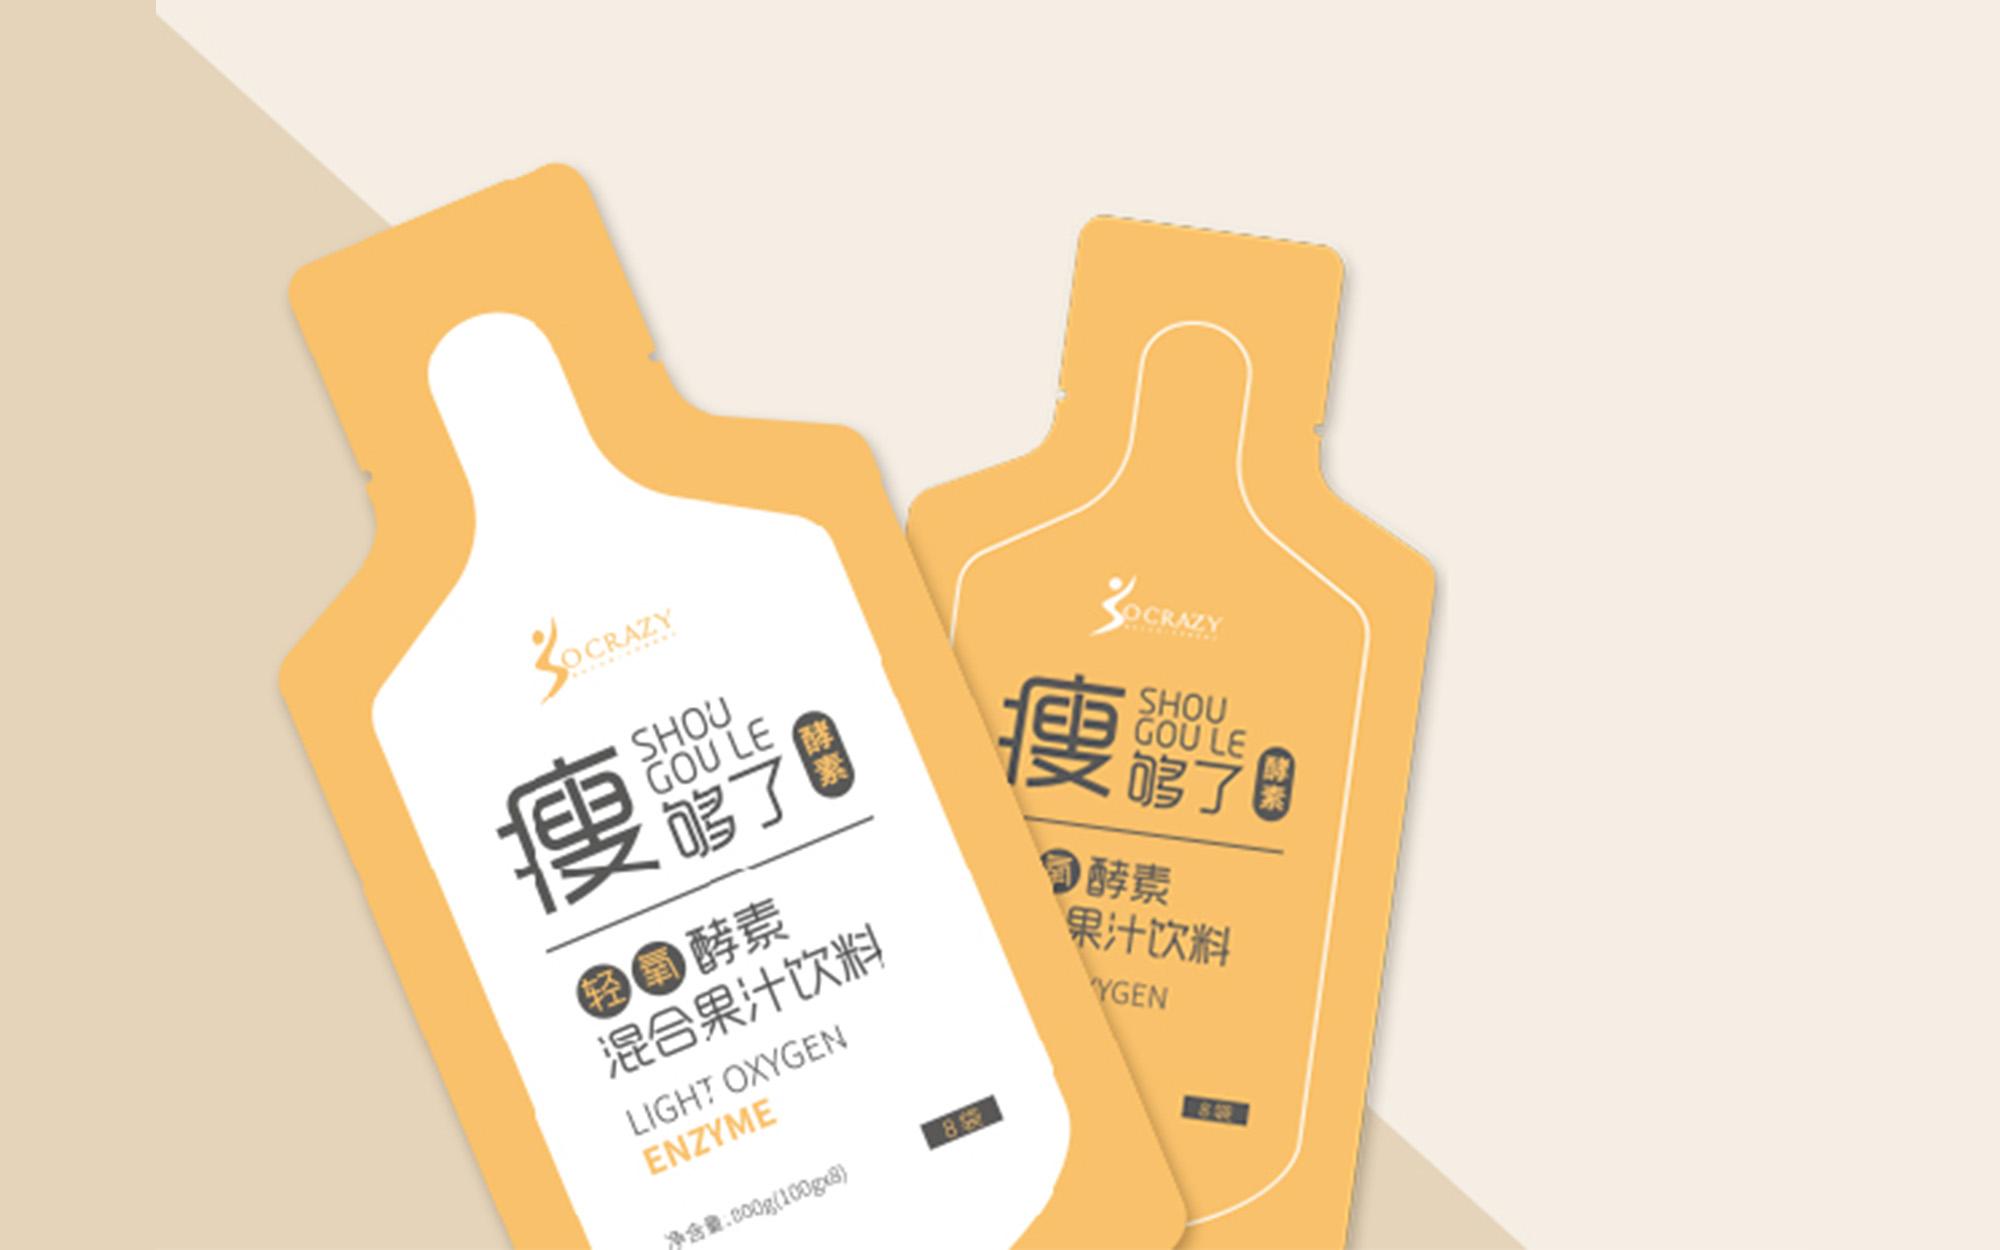 包装设计食品茶叶标签包装盒包装袋设计手提袋瓶贴礼盒插画国潮风